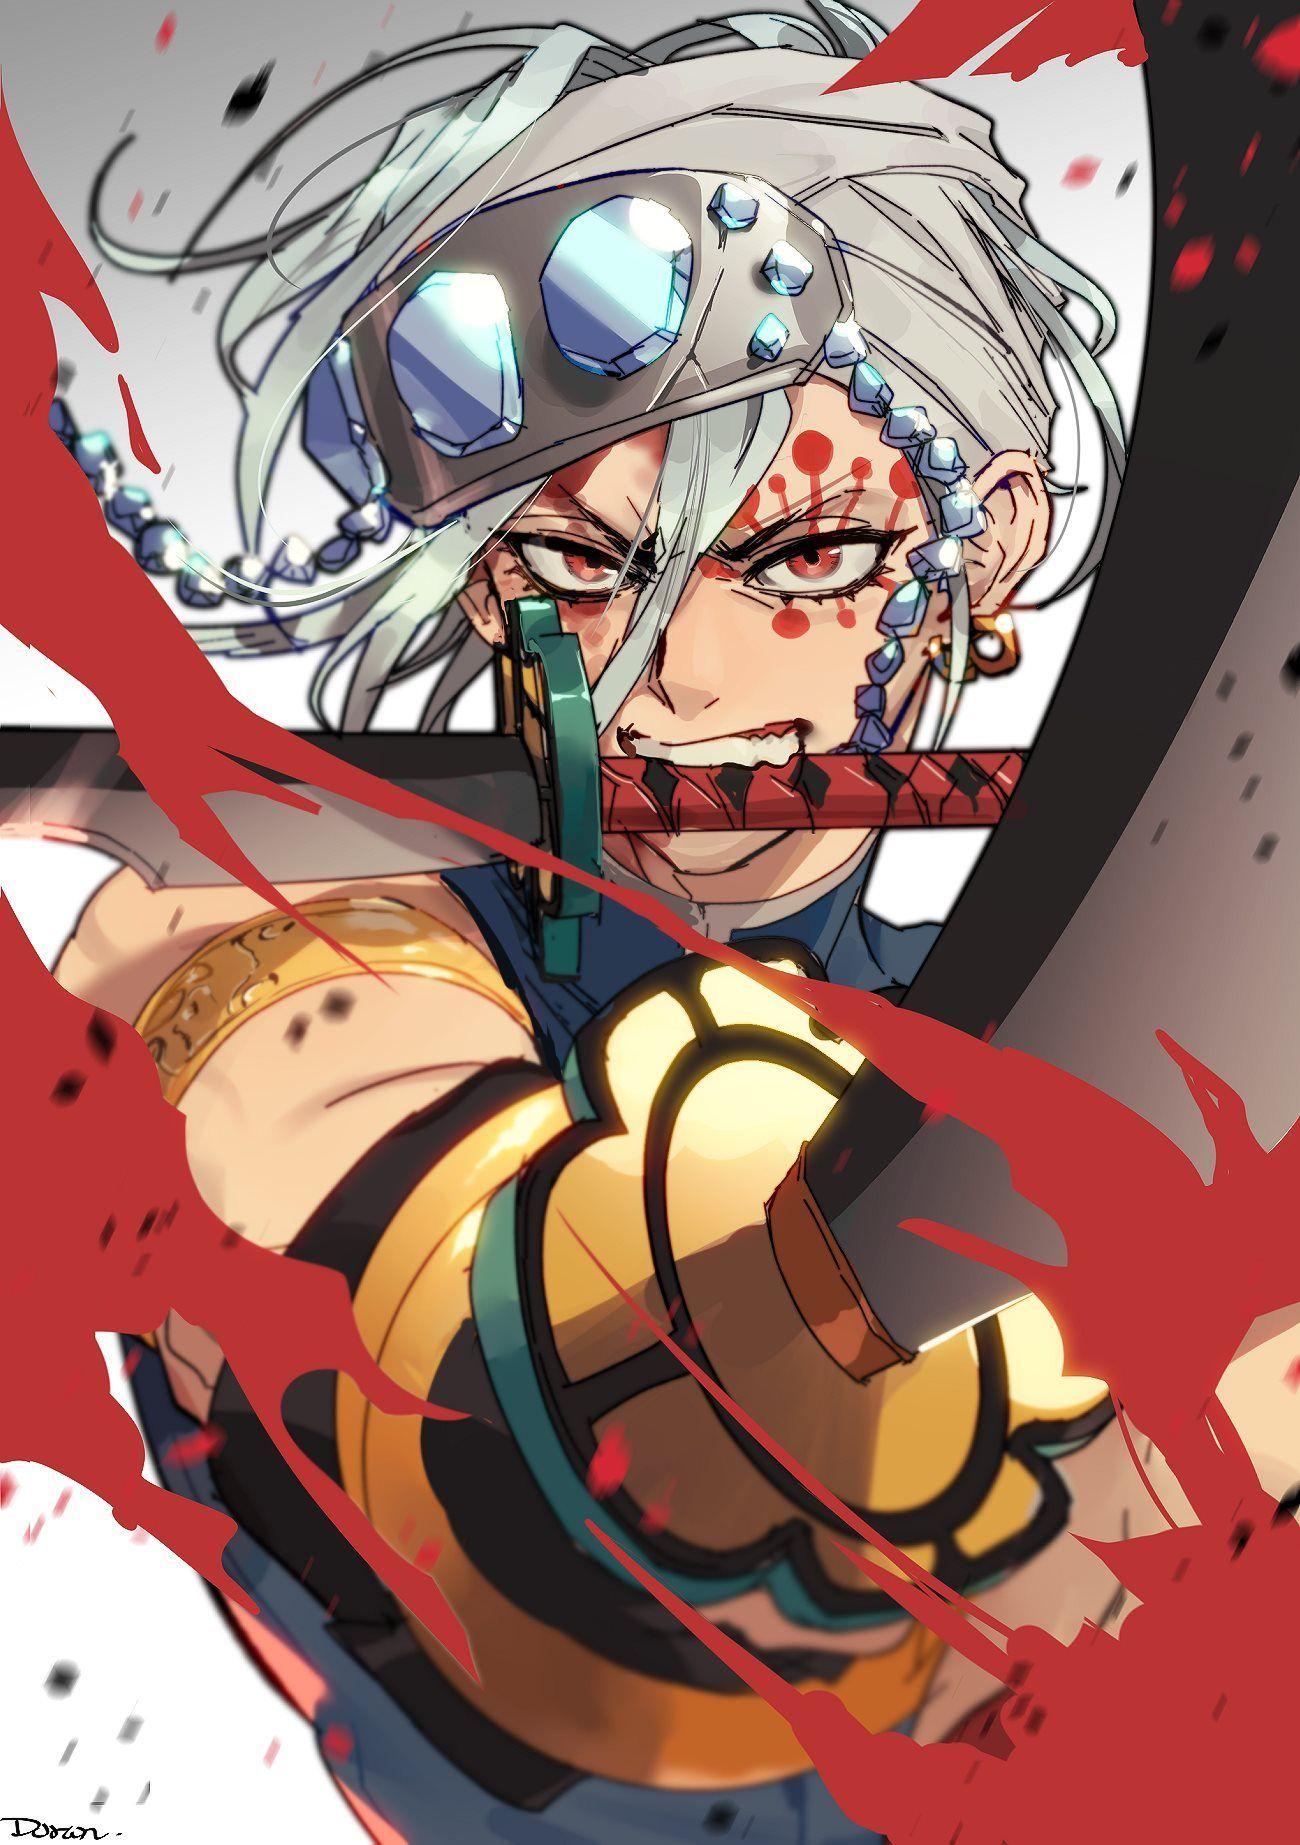 Shinobu kocho evil spirit slayer kimetsu no yaiba live wallpaper. Anime Demon Slayer Hashira Wallpapers - Wallpaper Cave